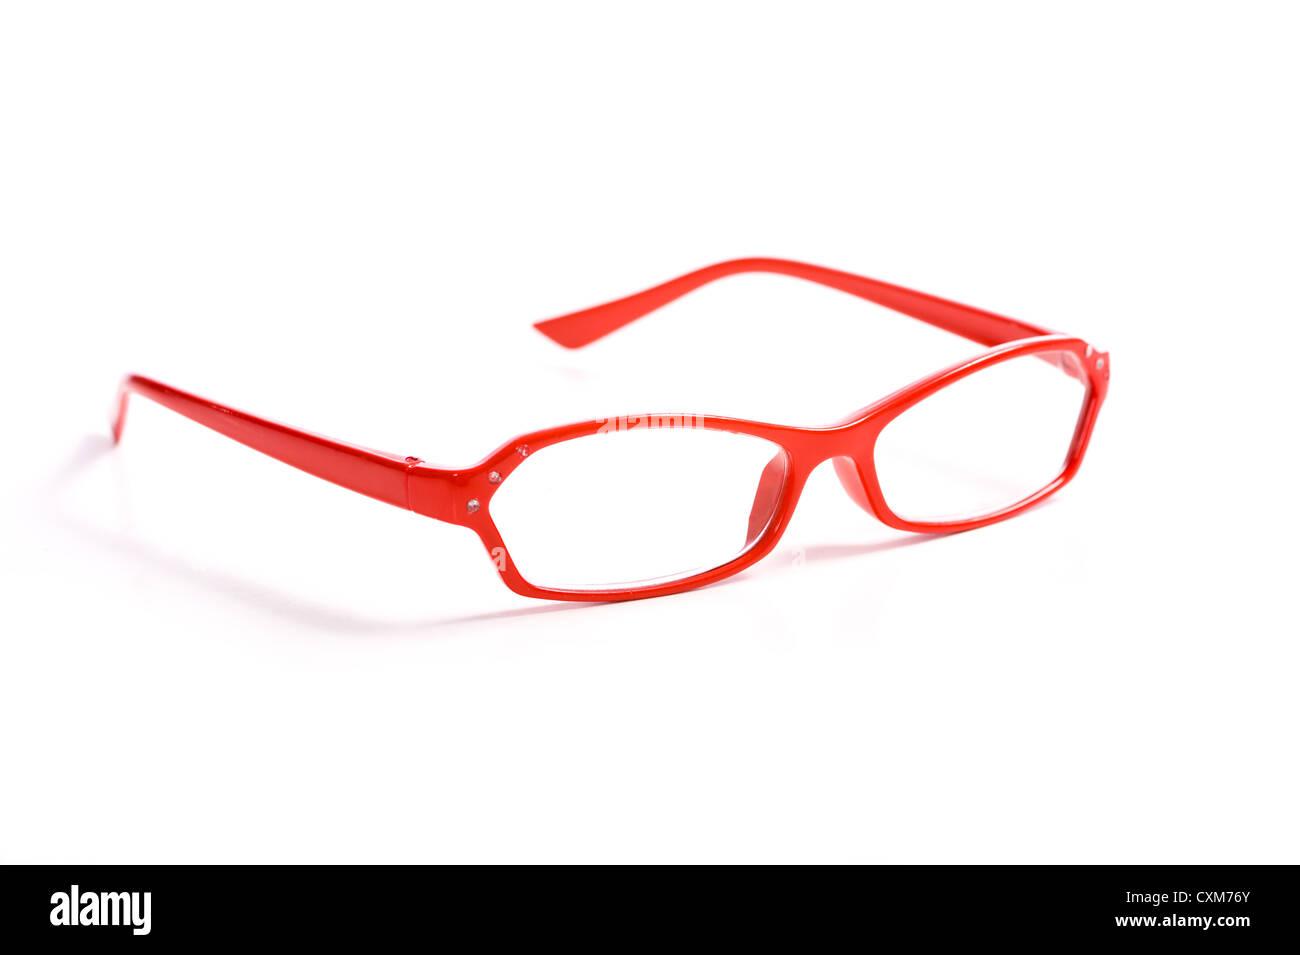 Neues Produkt Heiß Verkauf am neuesten bieten viel rote